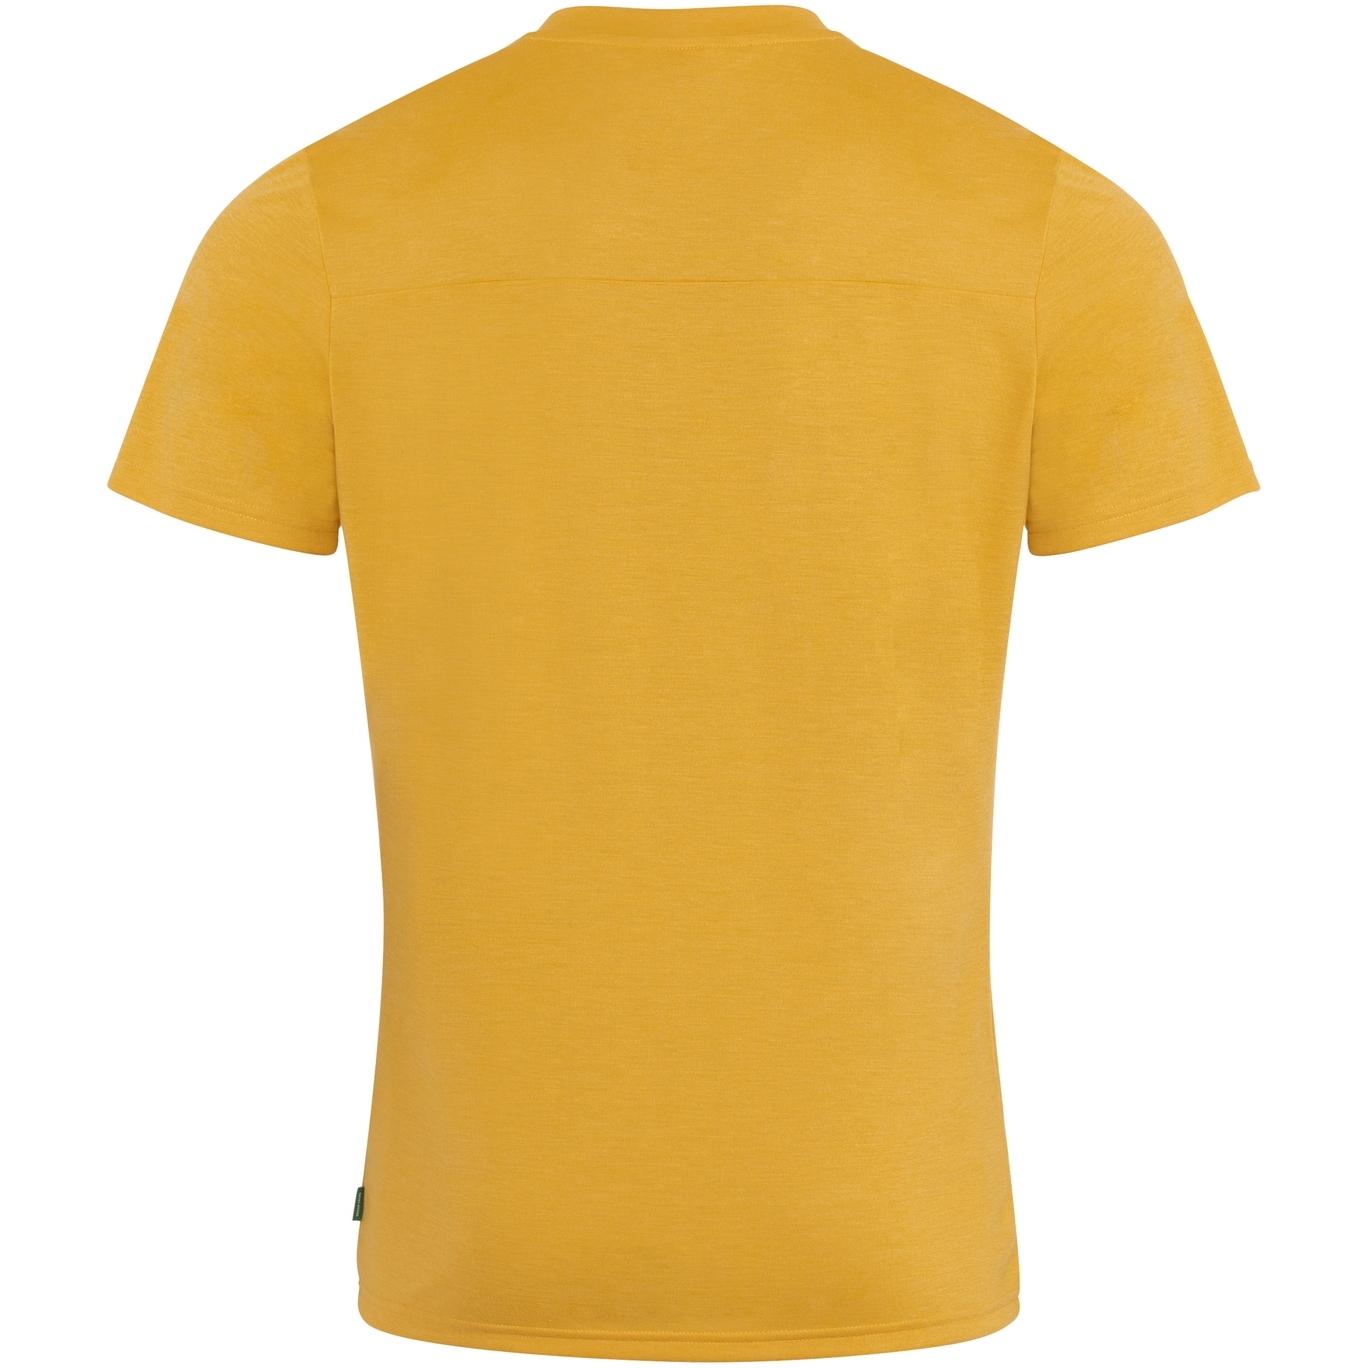 Bild von Vaude Tekoa Shirt II - marigold